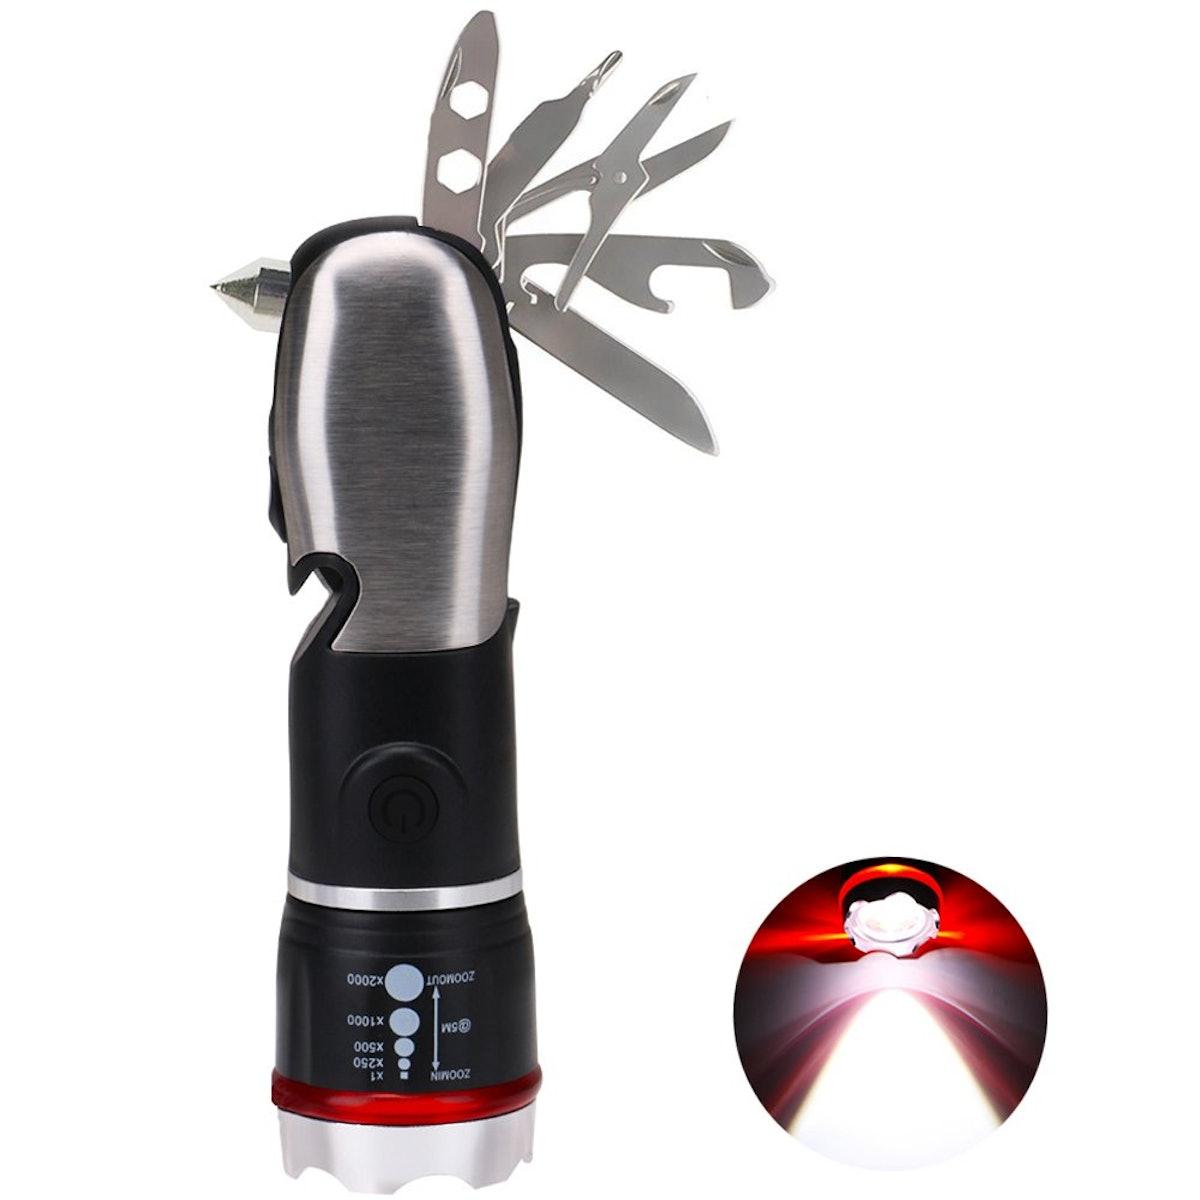 Ploarnovo Survival Multi-Tool